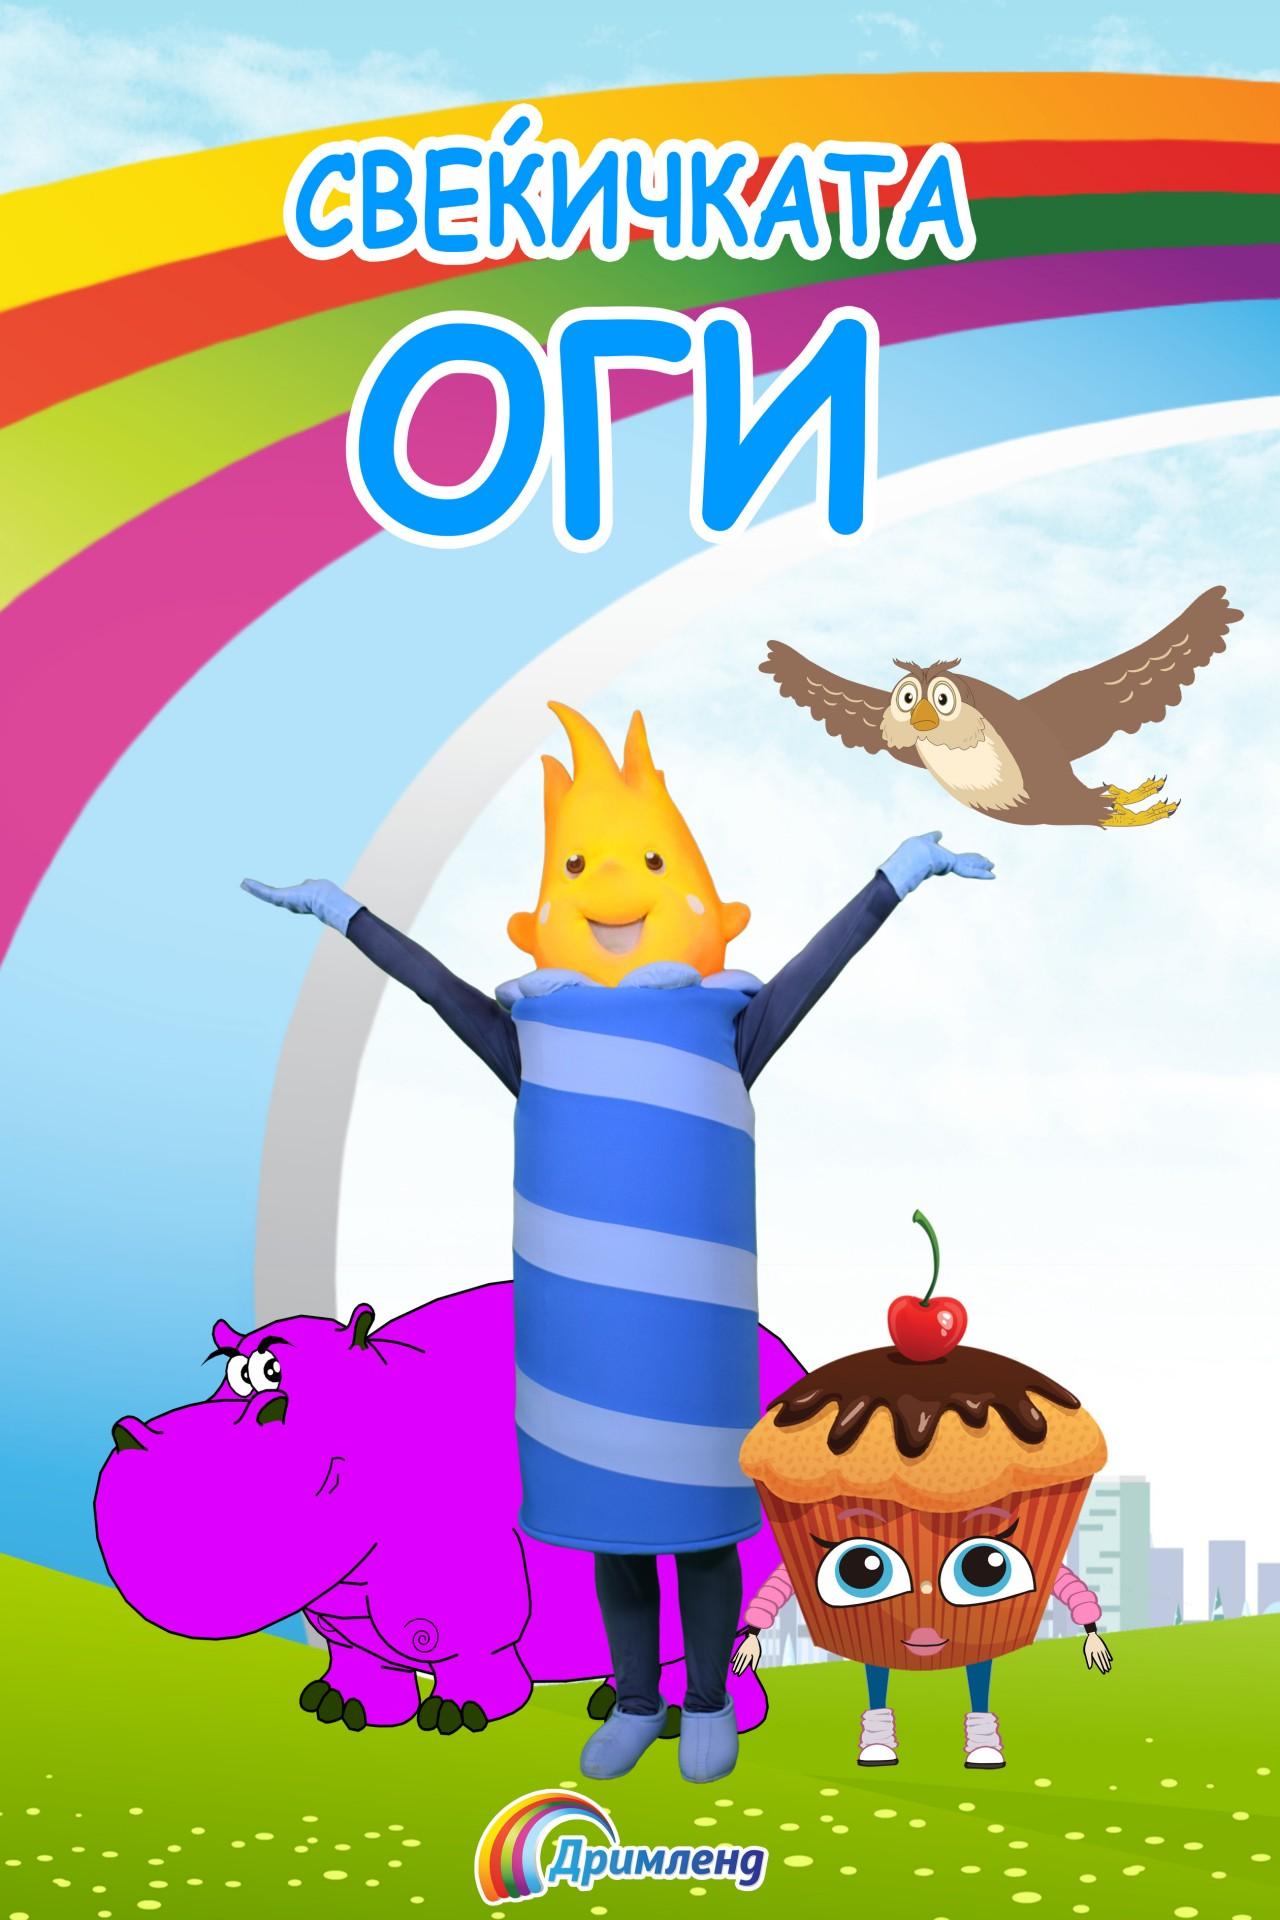 """Детската цртана серија """"Свеќичката Оги"""" станува омилена на малите дечиња"""